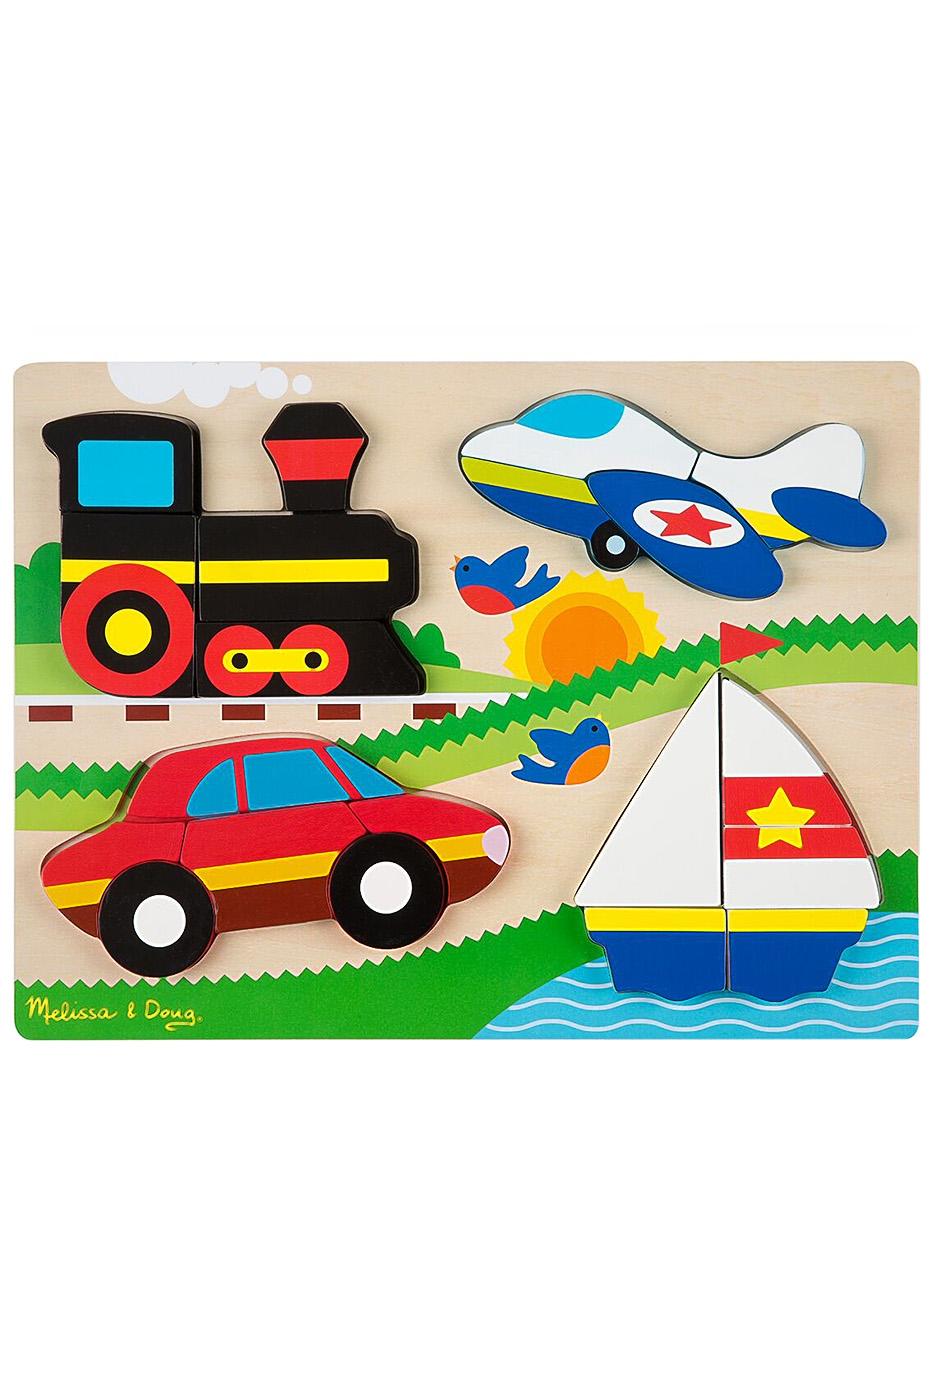 Мои первые пазлы - транспортПазлы для малышей<br>Мои первые пазлы - транспорт<br>